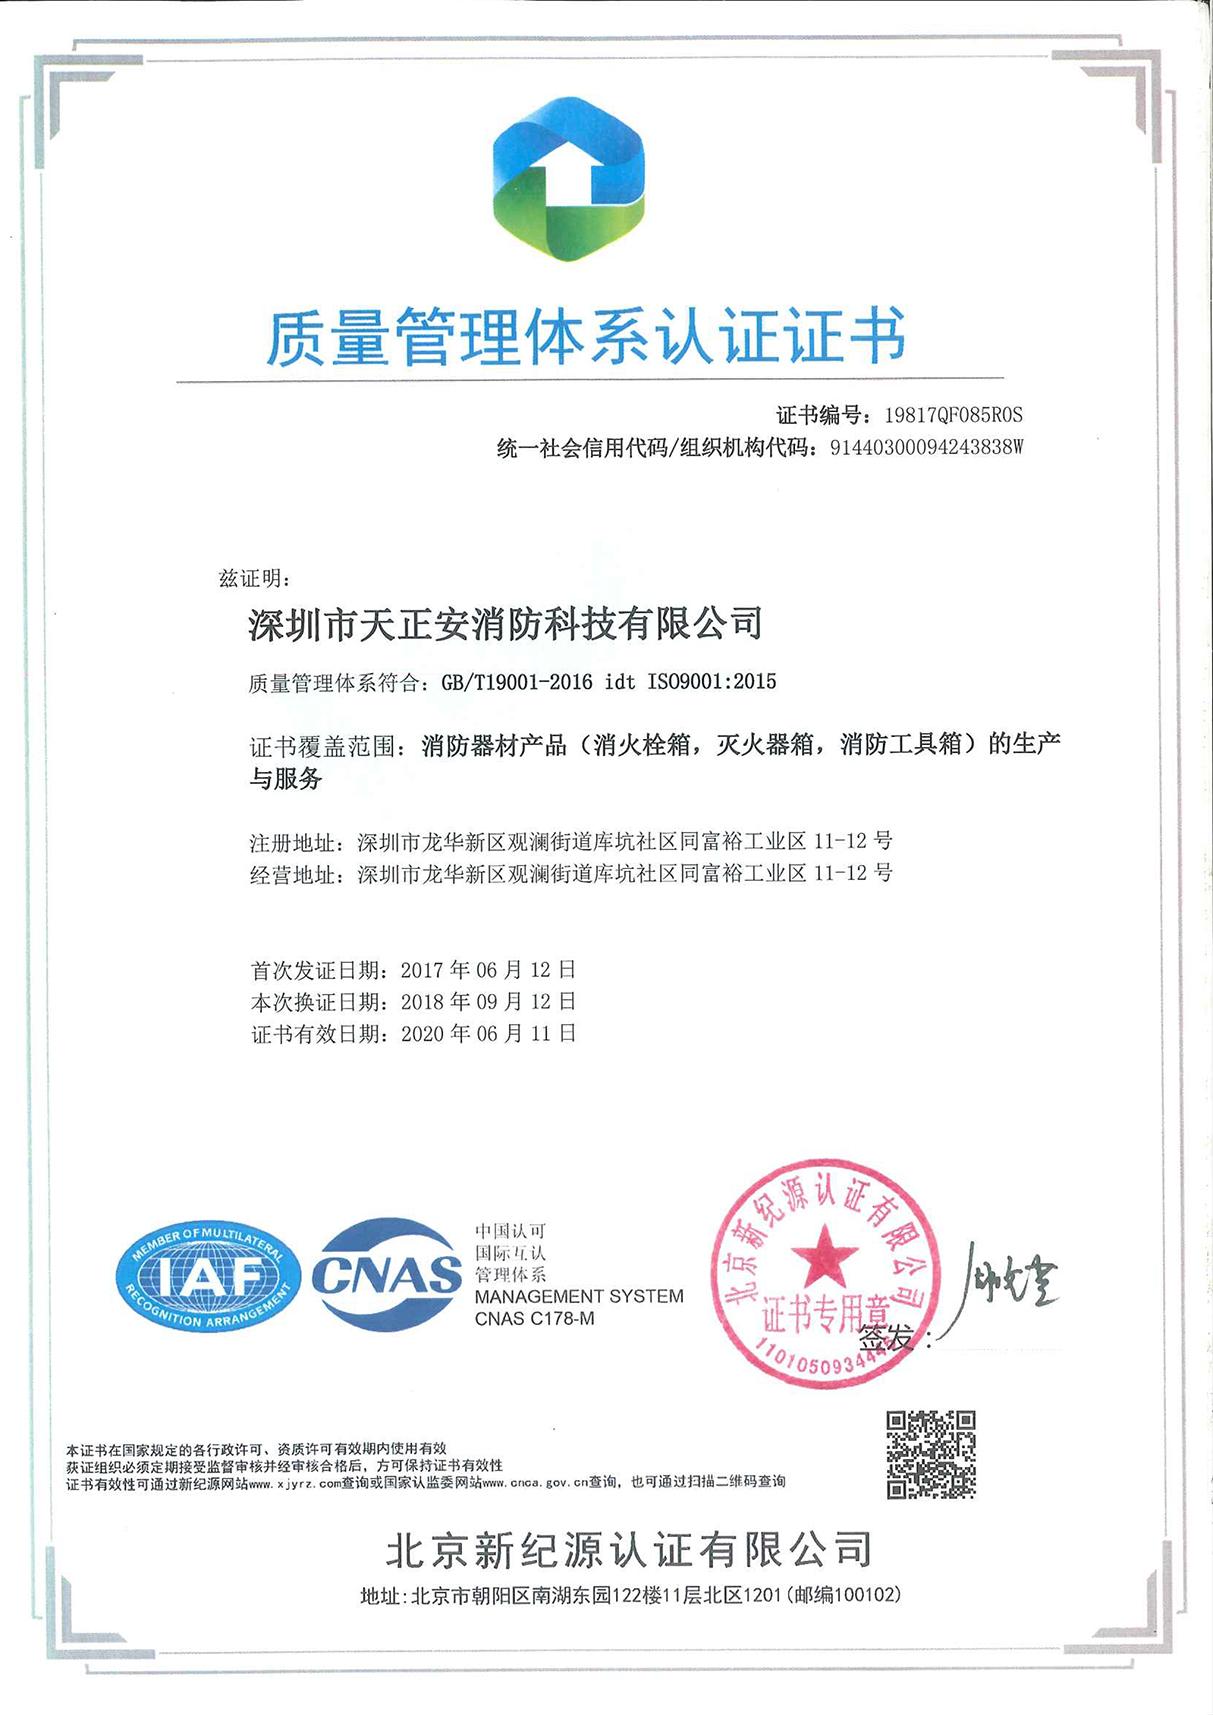 质量管理体系认证书-2